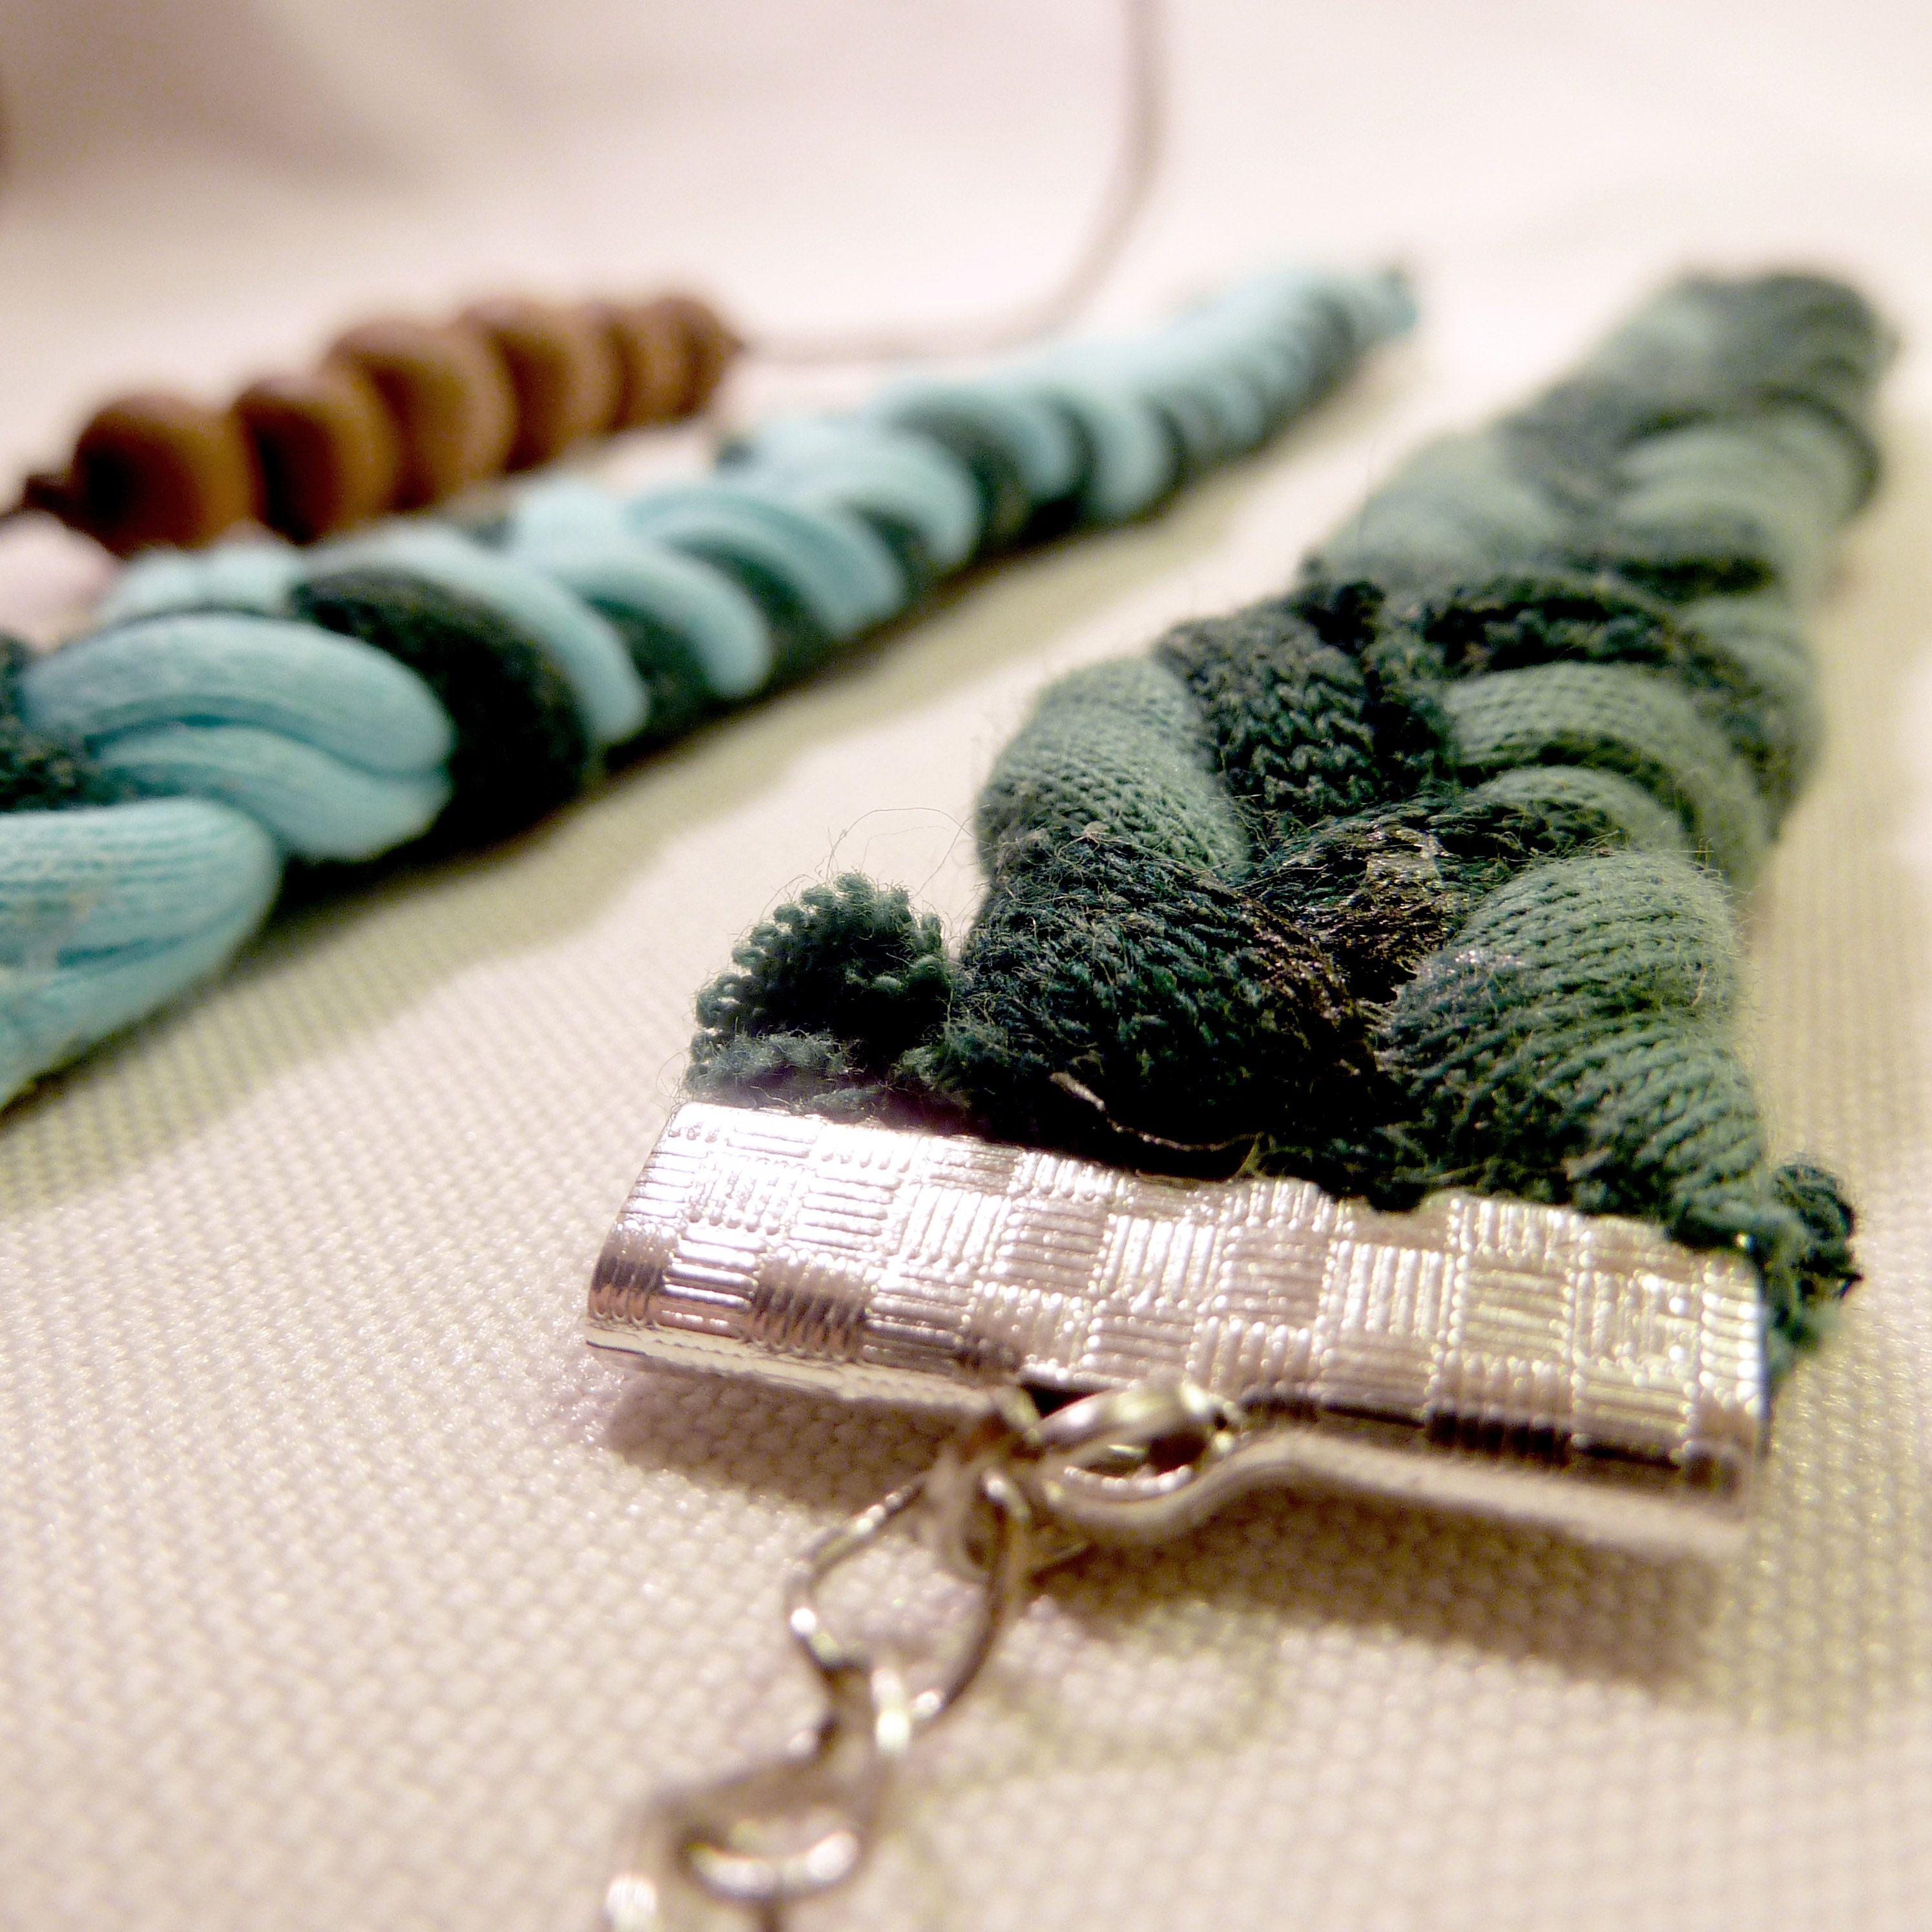 Selbstgemachter schmuck  Selbstgemachter Schmuck aus Holzperlen und Textilgarn :) | Ideas ...